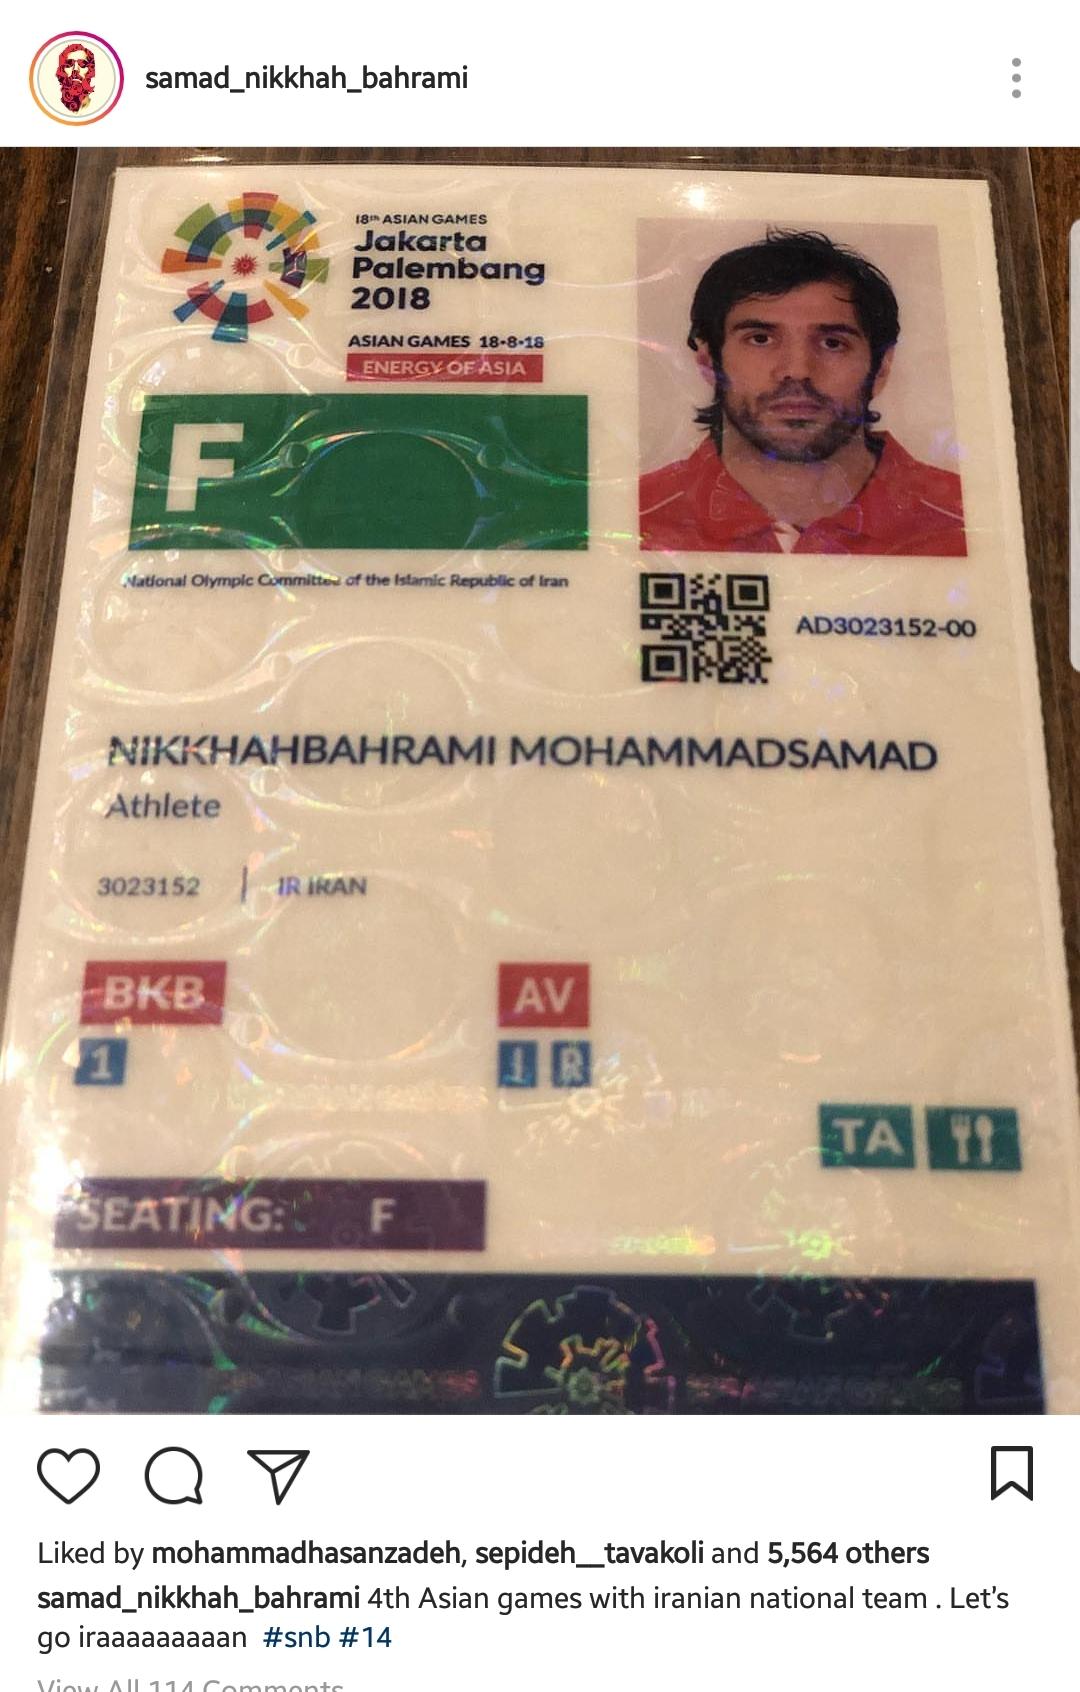 گزارش جی پلاس/ با کاروان ورزشی ایران در اینستاگرام +عکس